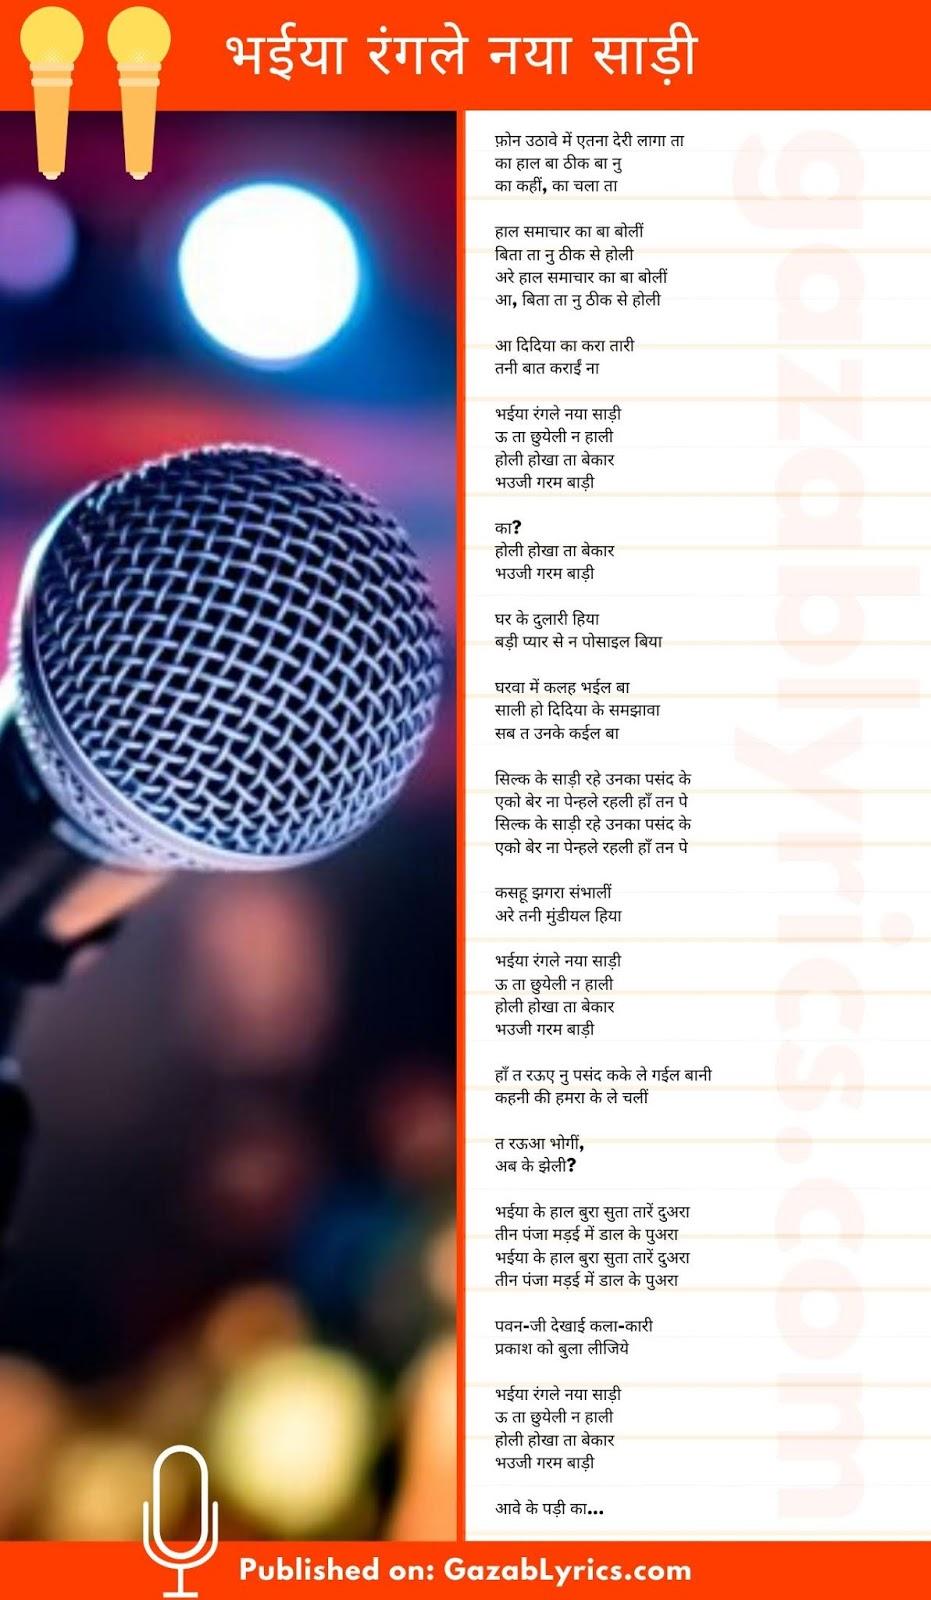 Bhaiya Rangle Naya Saari song lyrics image